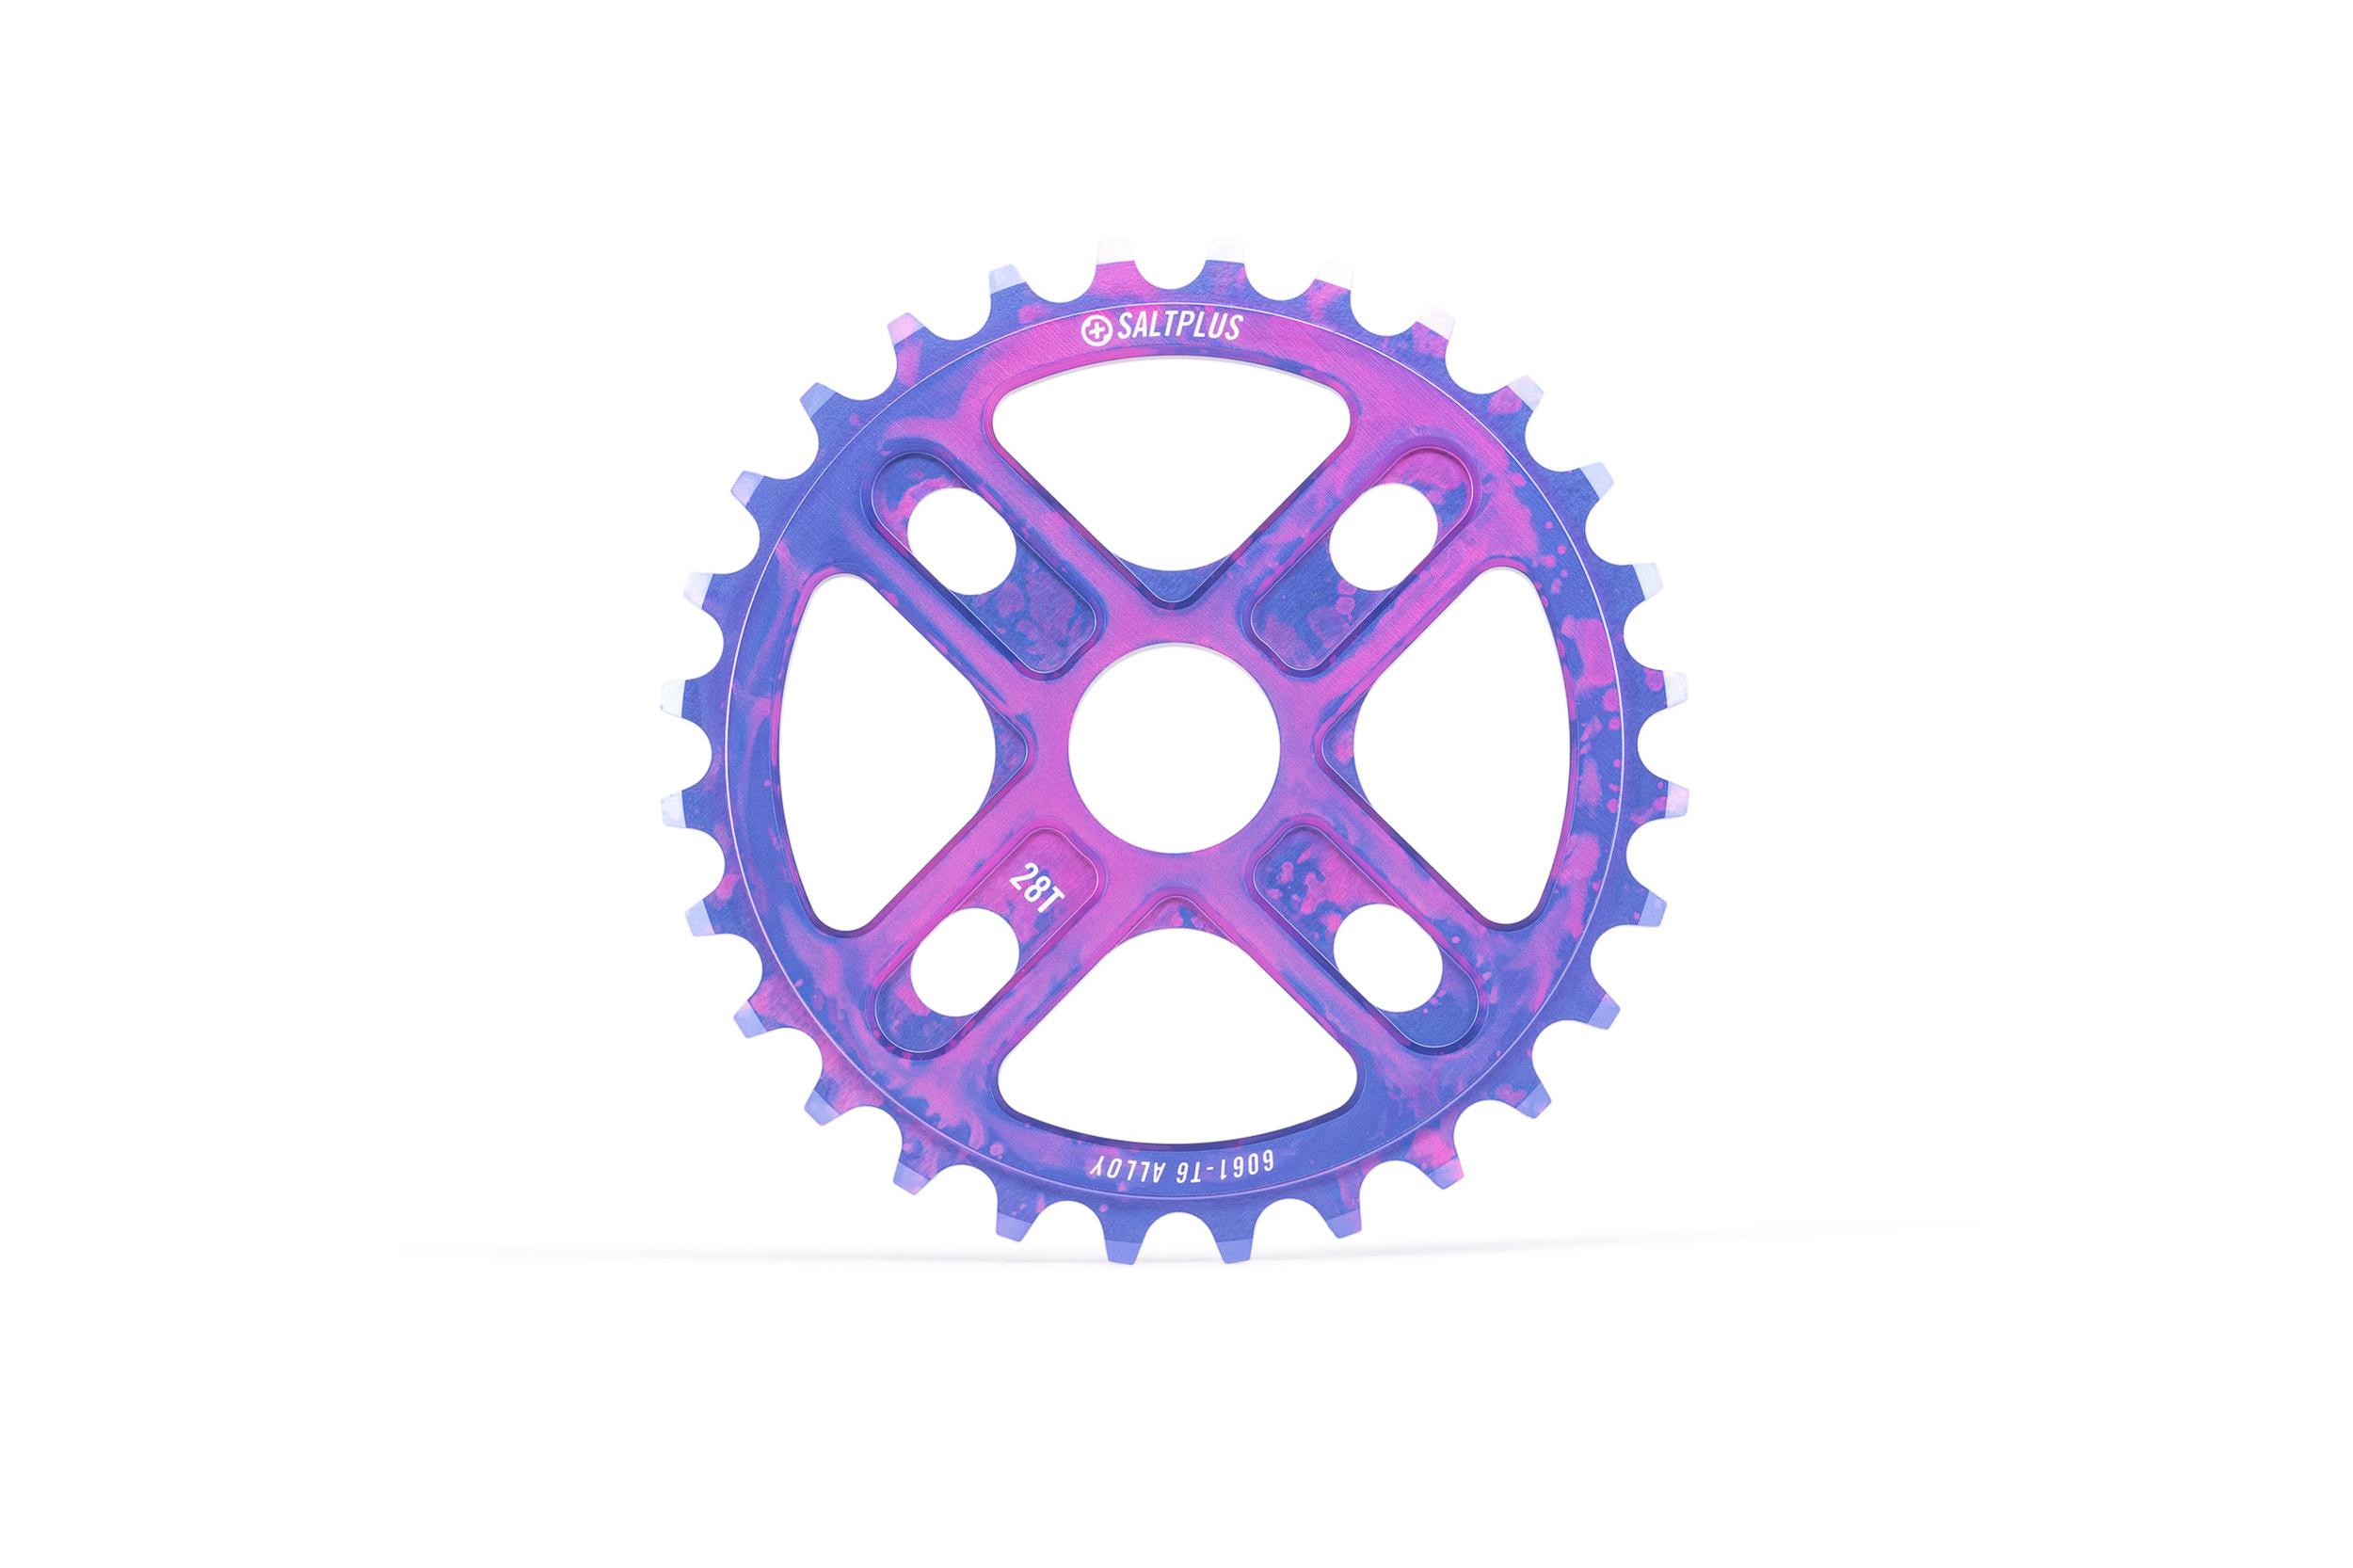 SaltPlus_Manta_sprocket_28t_nebula_purple-01